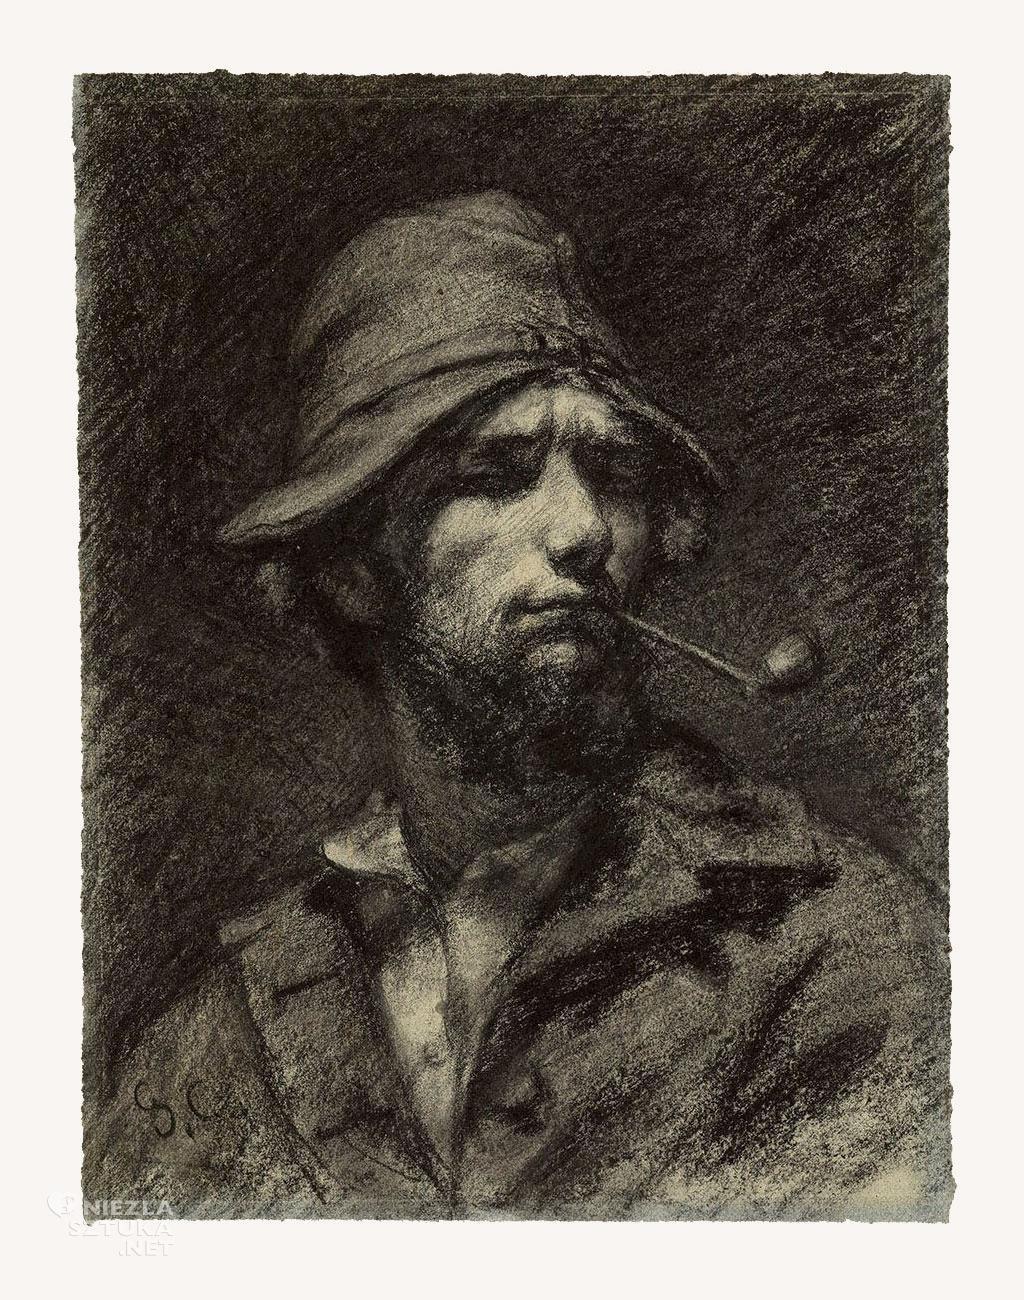 Gustave Courbet, Autoportret, mężczyzna z fajką, sztuka francuska, malarstwo francuskie, Niezła sztuka